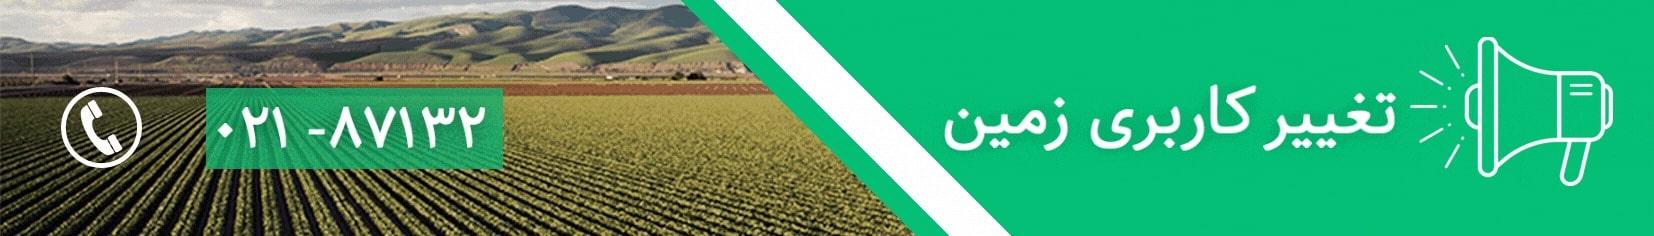 چگونگی تغییر کاربری اراضی زراعی کشاورزی به مسکونی (مراحل و ضوابط)